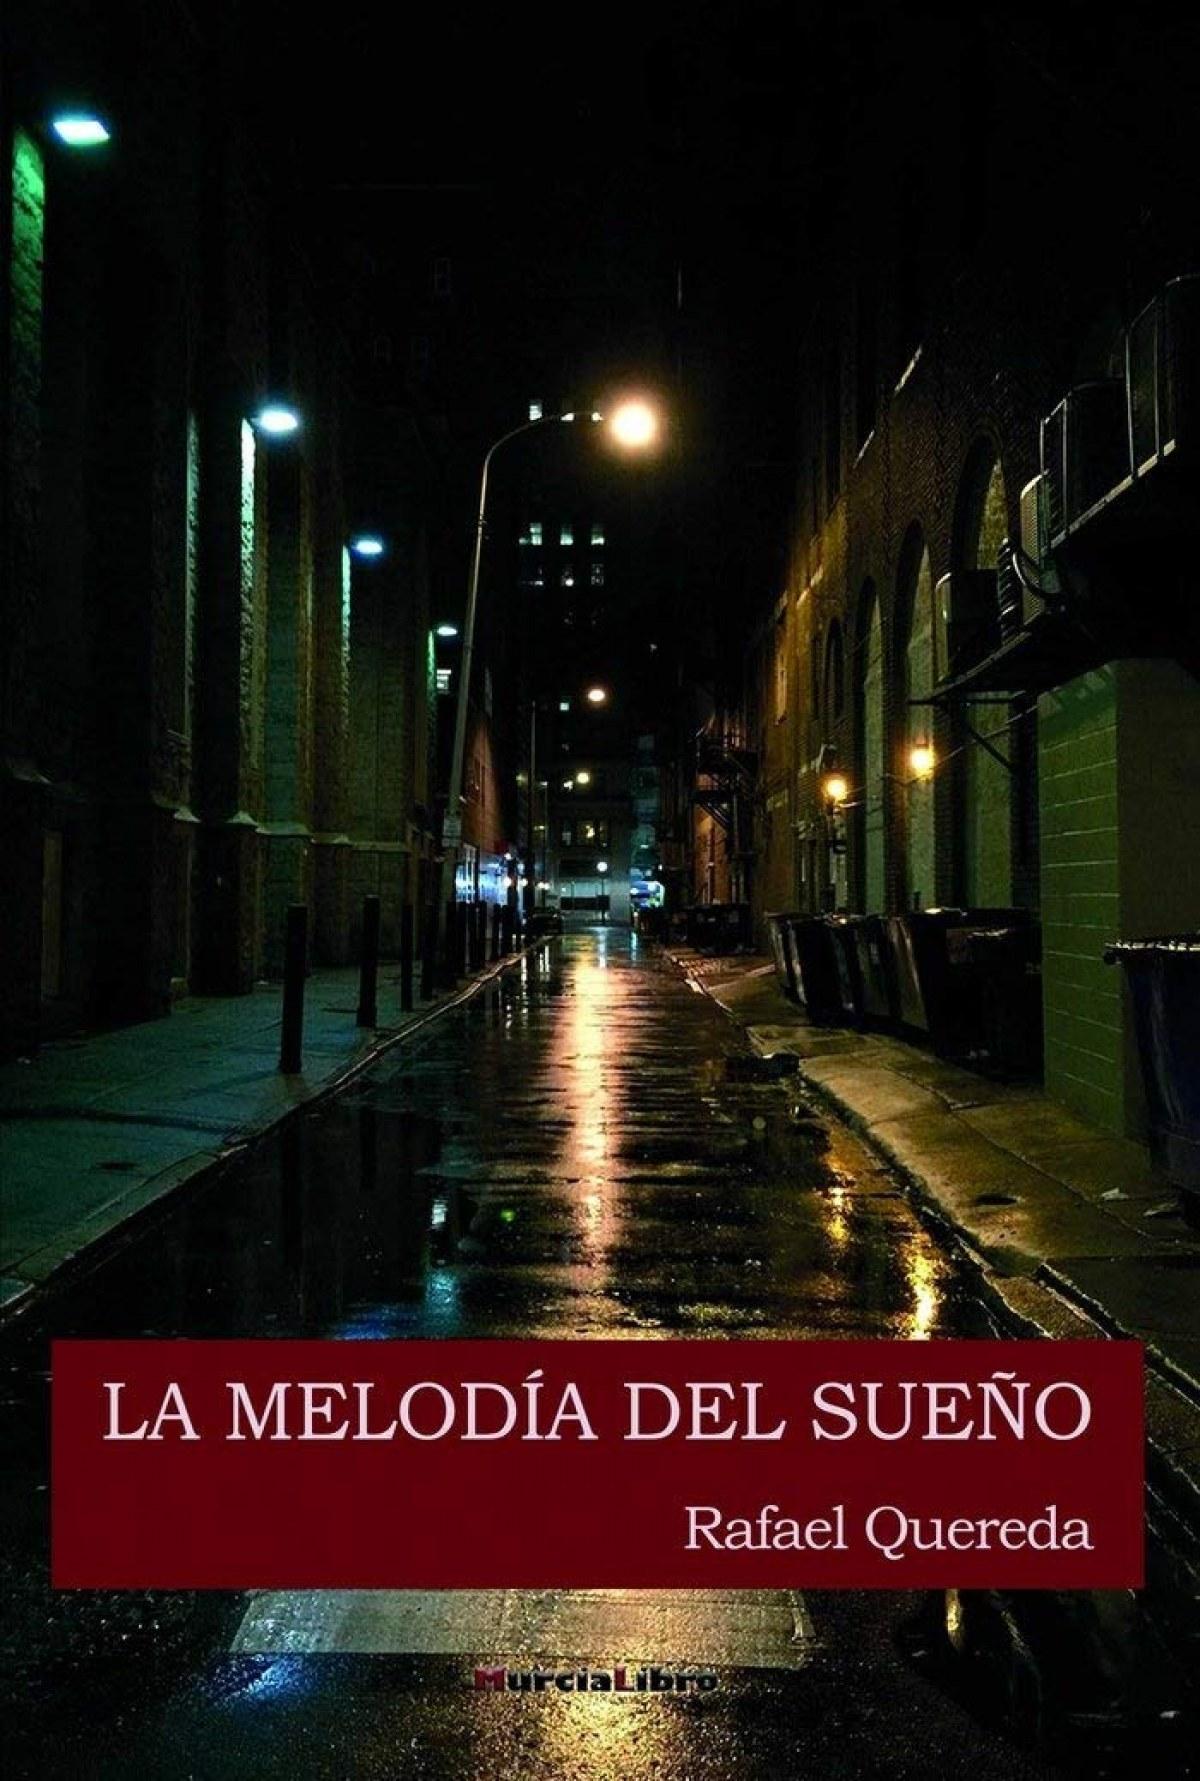 MELODIA DEL SUEñO,LA 9788415516446